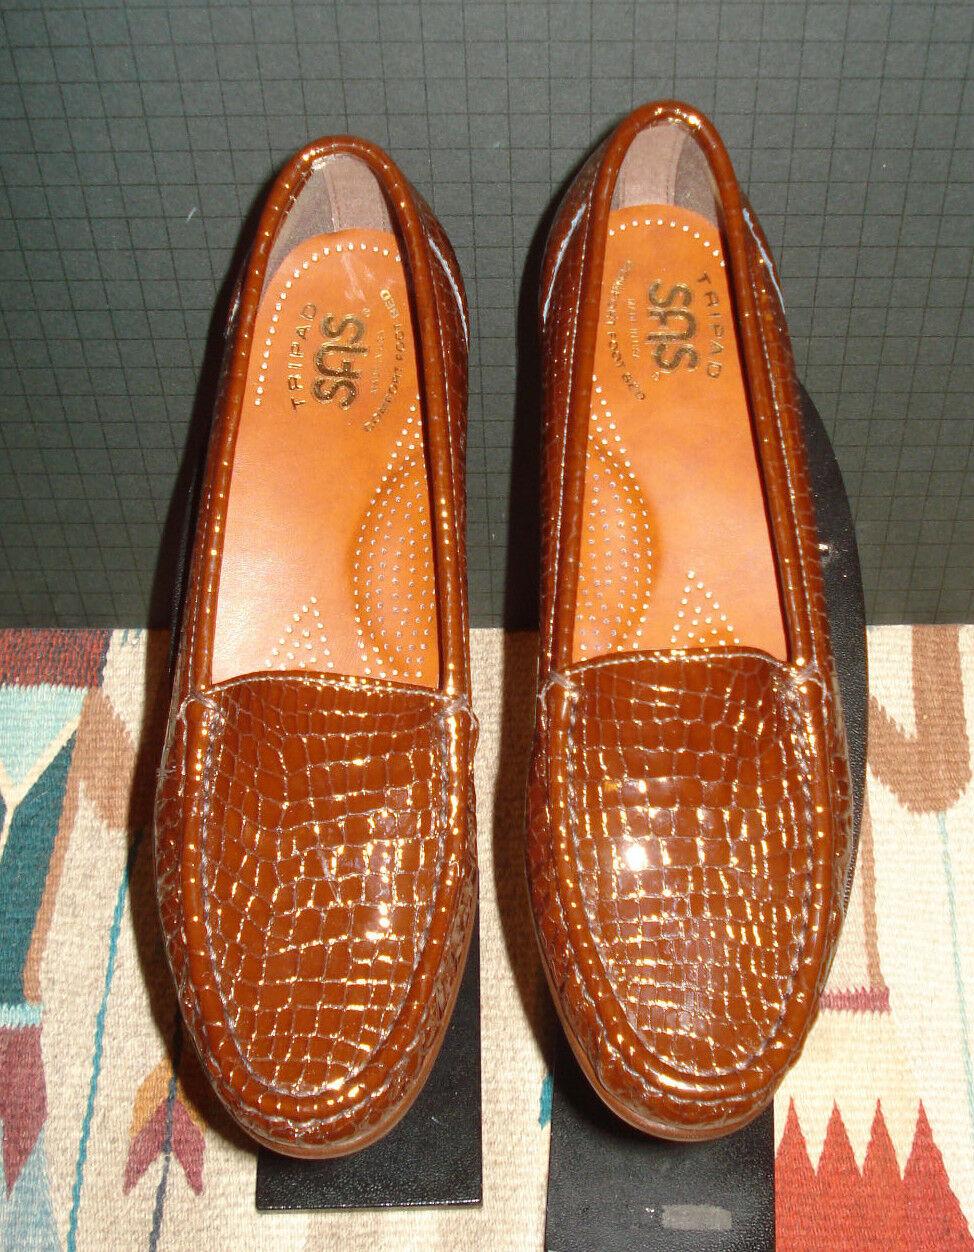 vendita economica SAS TriPad Comfort Brick Marrone Marrone Marrone Patent Leather Faux-Croc Loafer Sz. 7S UNWORN  essere molto richiesto